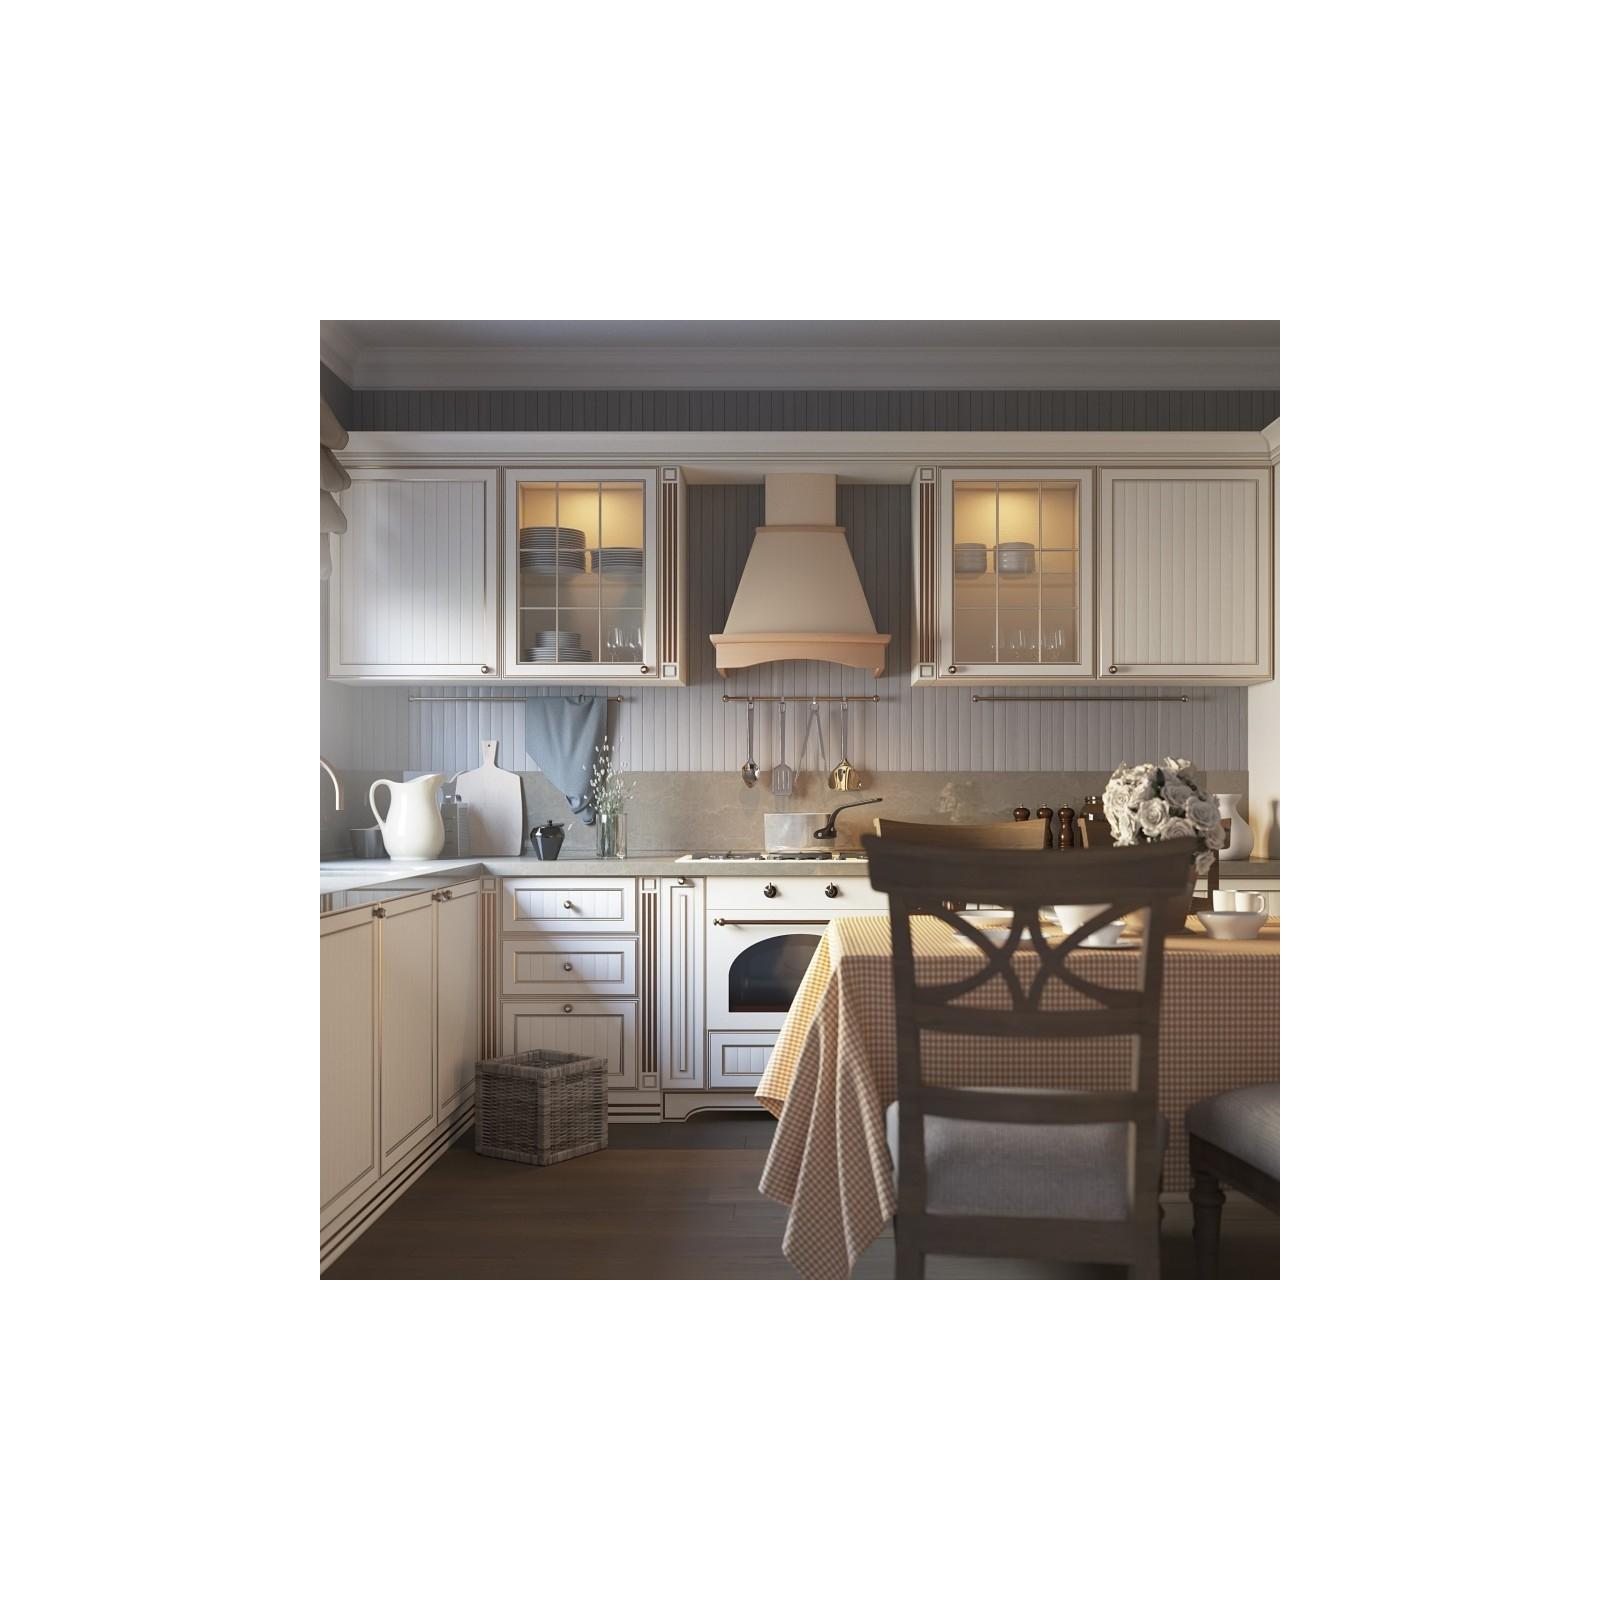 Вытяжка кухонная Eleyus Tempo 1000 LED SMD 90 N BL изображение 10